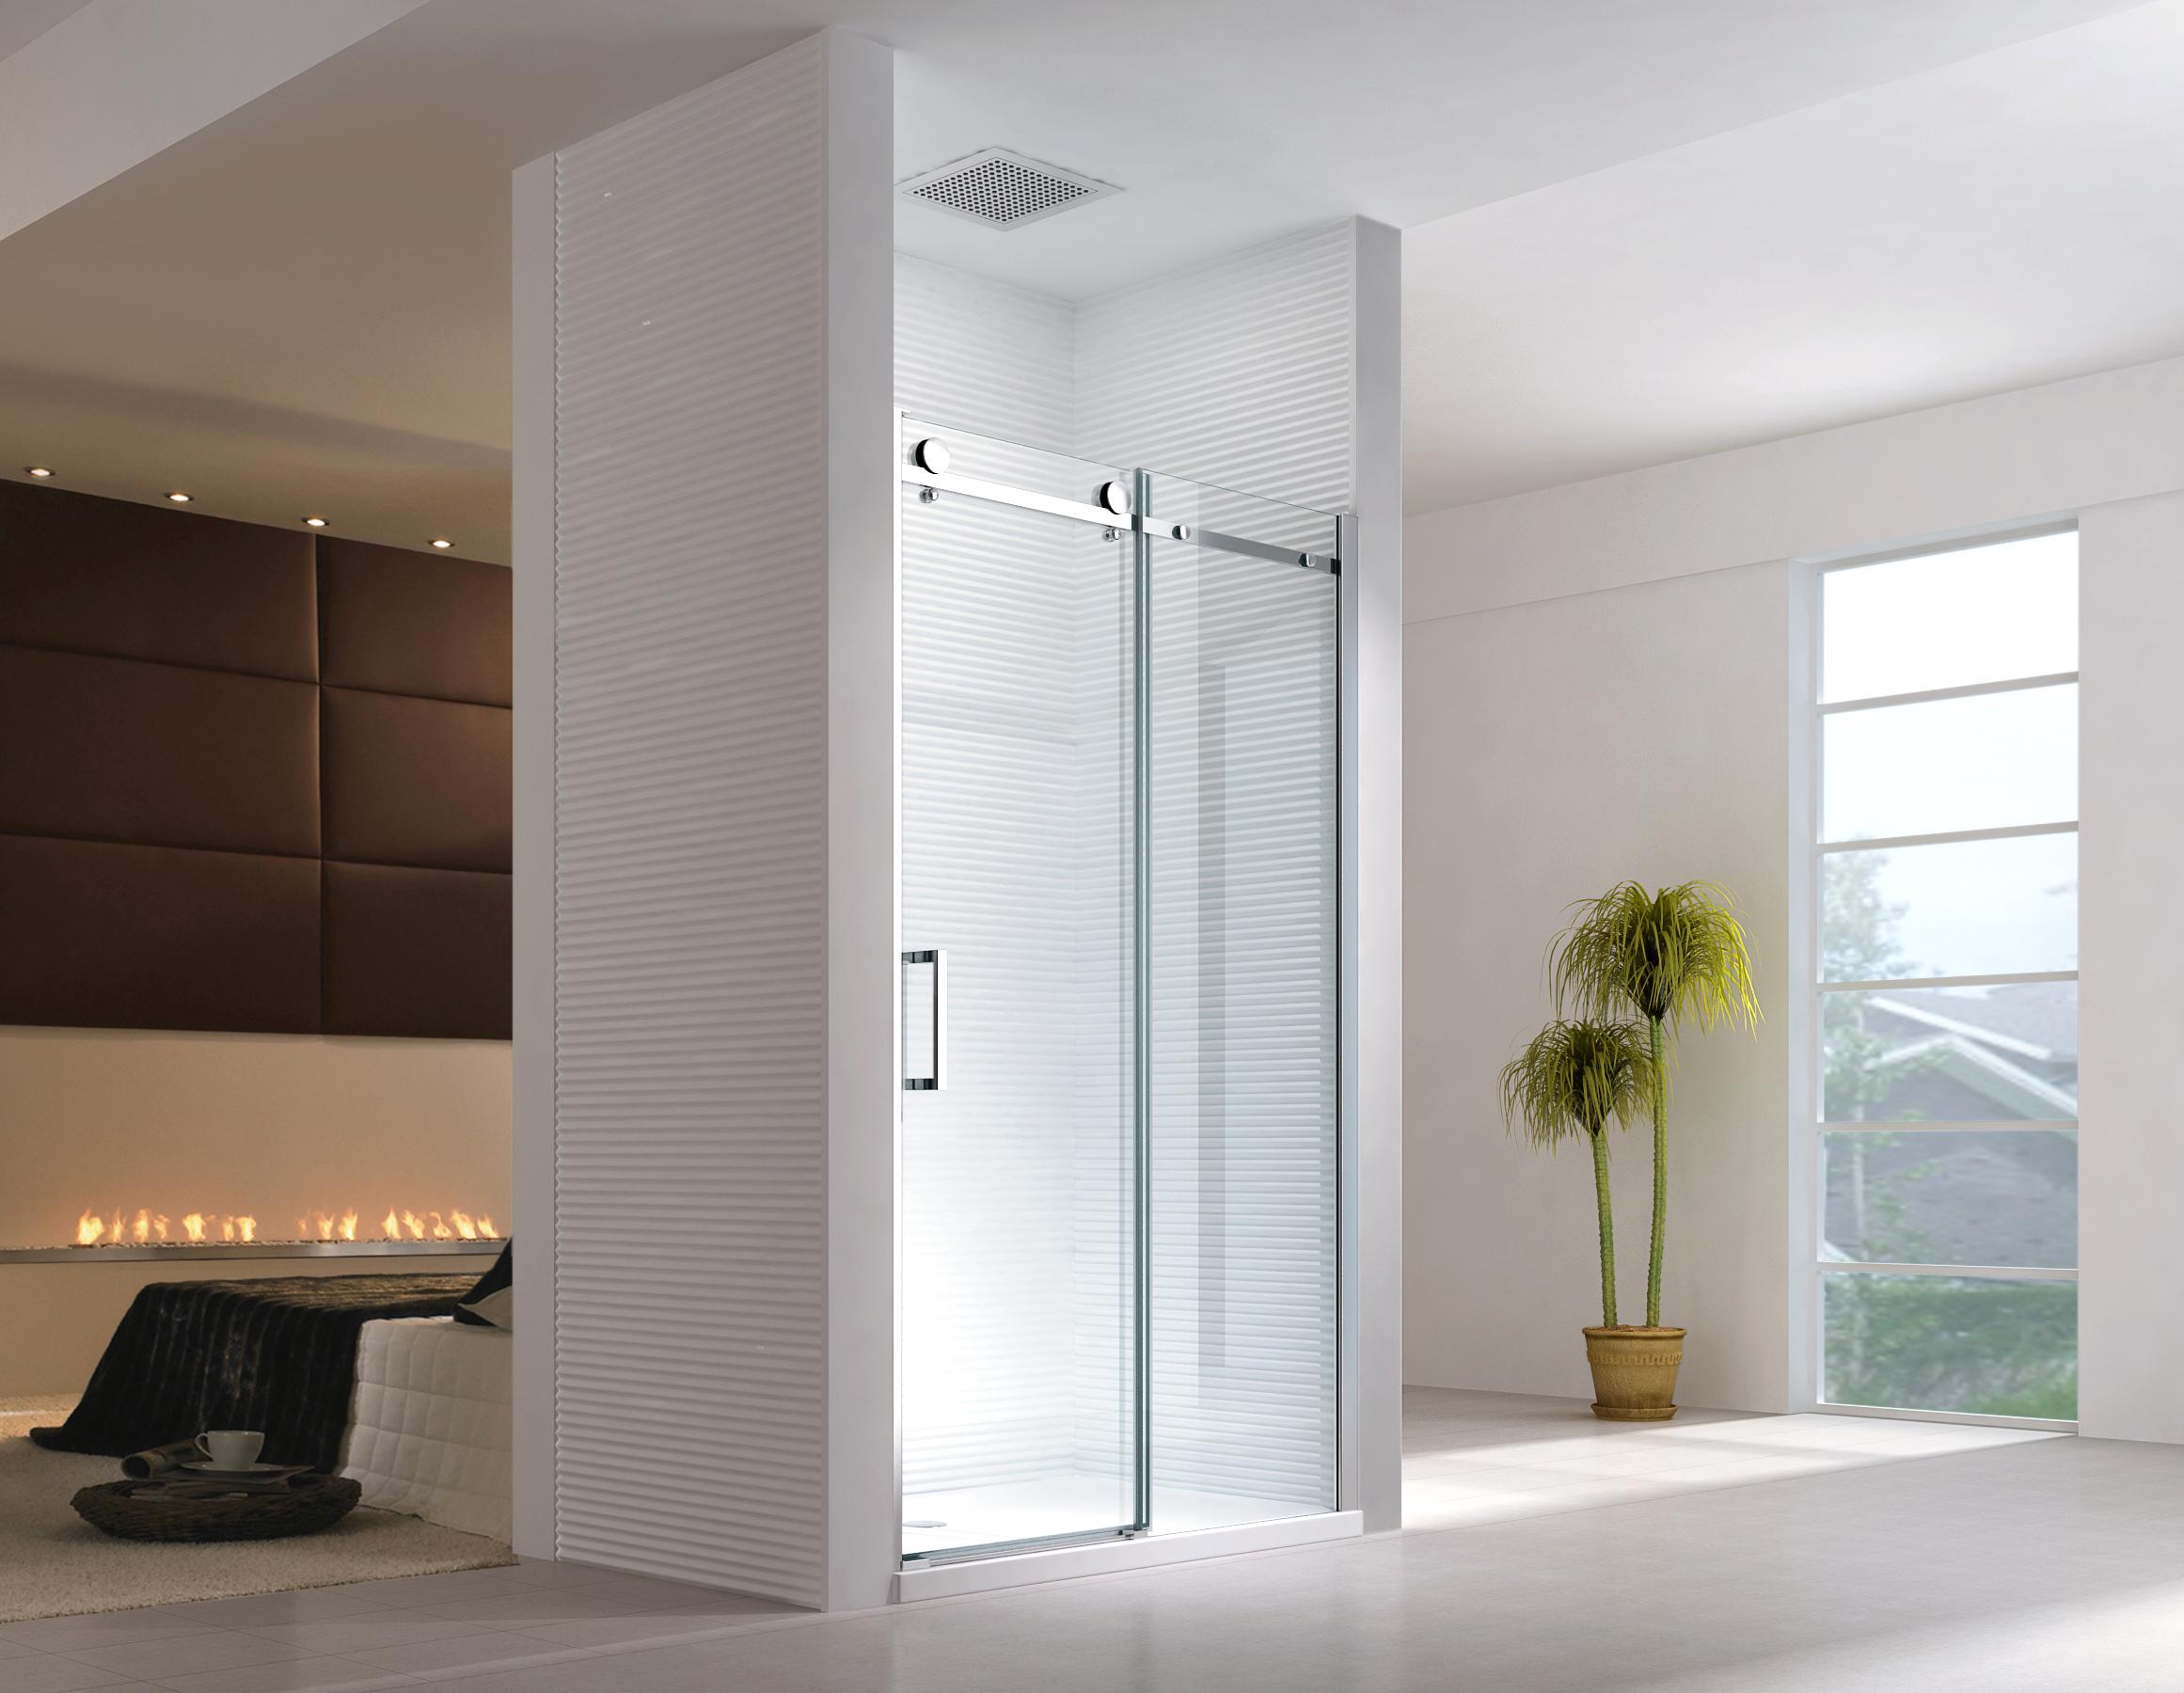 Porta nicchia cabina doccia senza un piatto doccia ebay - Box doccia senza piatto ...